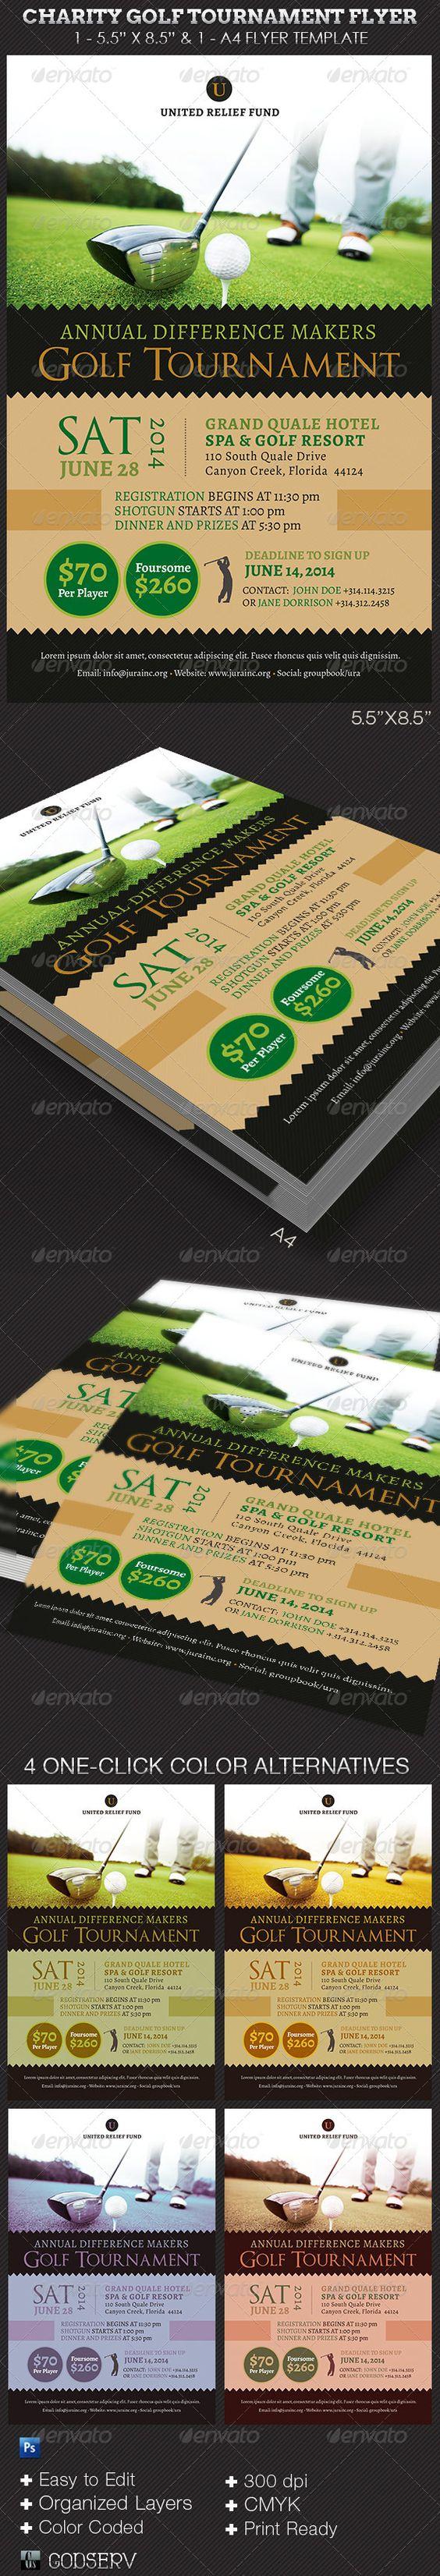 """慈善高尔夫锦标赛传单模板非常适合任何筹款高尔夫锦标赛。也可用于开放日,高尔夫派对或一般事件通知。该模板是由Godserv设计的Photoshop模板,用Photoshop CS4及更高版本进行编辑。一旦你下载了这个模板,使用Adobe Photoshop CS4 +编辑这个模板。包含的内容1  -  5.5""""x8.5""""Photoshop慈善高尔夫锦标赛传单模板1  -  A4 -8.3""""x11.7""""Photoshop慈善高尔夫锦标赛传单模板详细信息•打印尺寸:5.75英寸x8.75英寸/8.55英寸x11.95英寸•4个一键式颜色选项•有组织的图层•颜色编码的图层•CMYK / 300 Dpi•打印就绪•应用程序要求:Photoshop CS4或更高版本使用的免费字体Alegreya:http:// www。"""